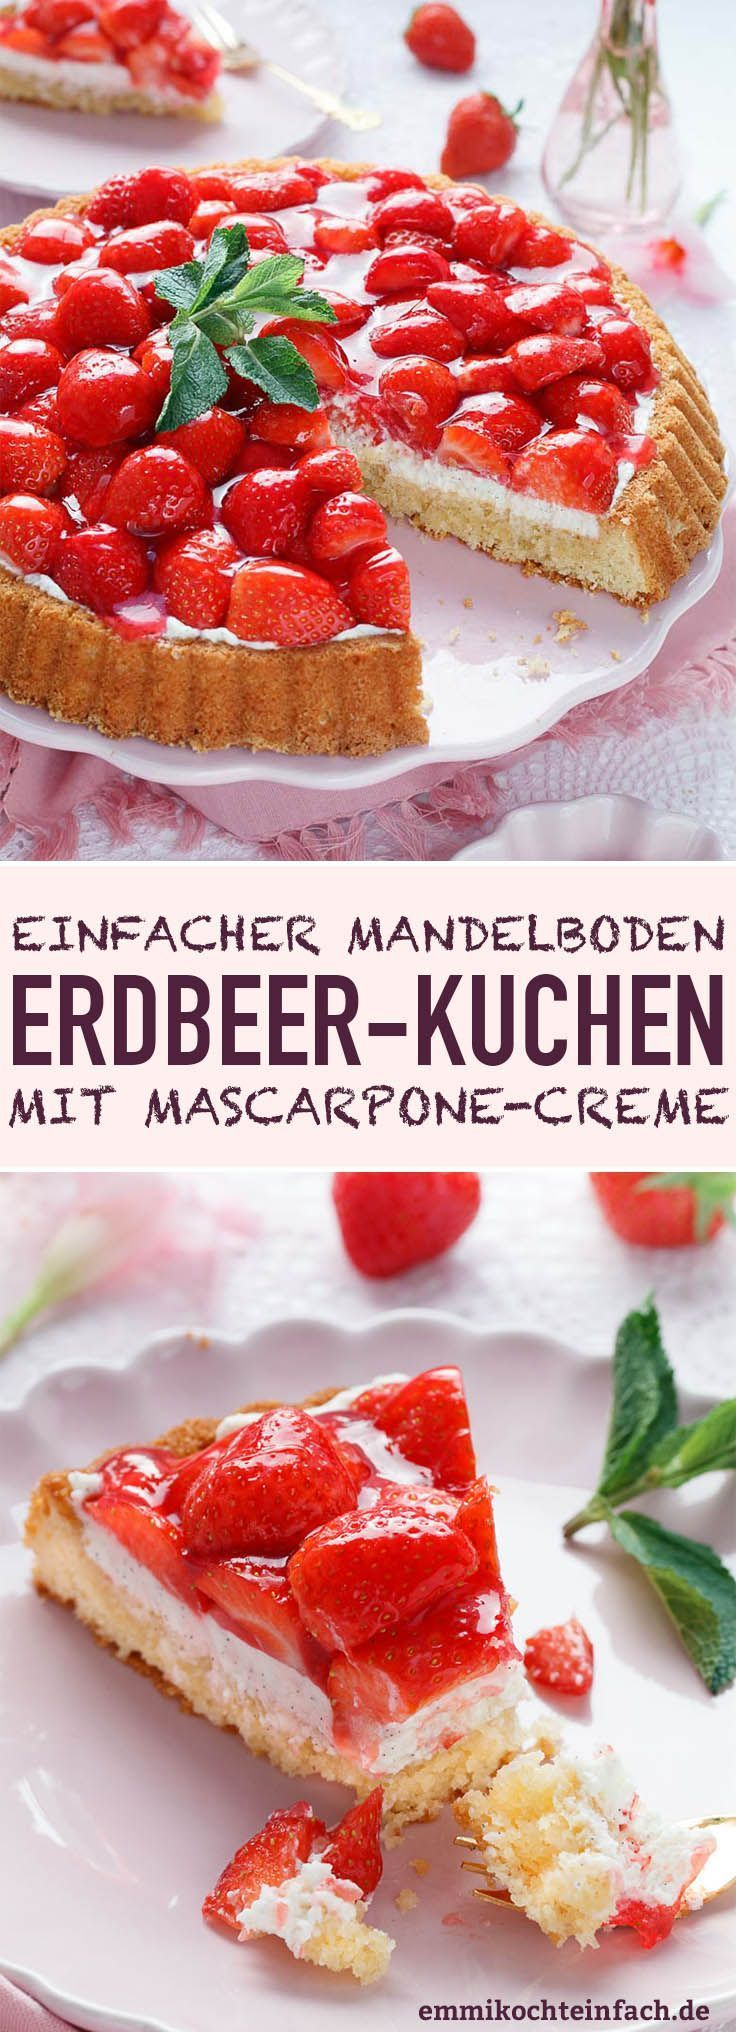 Erdbeerkuchen mit Mascarpone-Creme und Mandelboden - emmikochteinfach